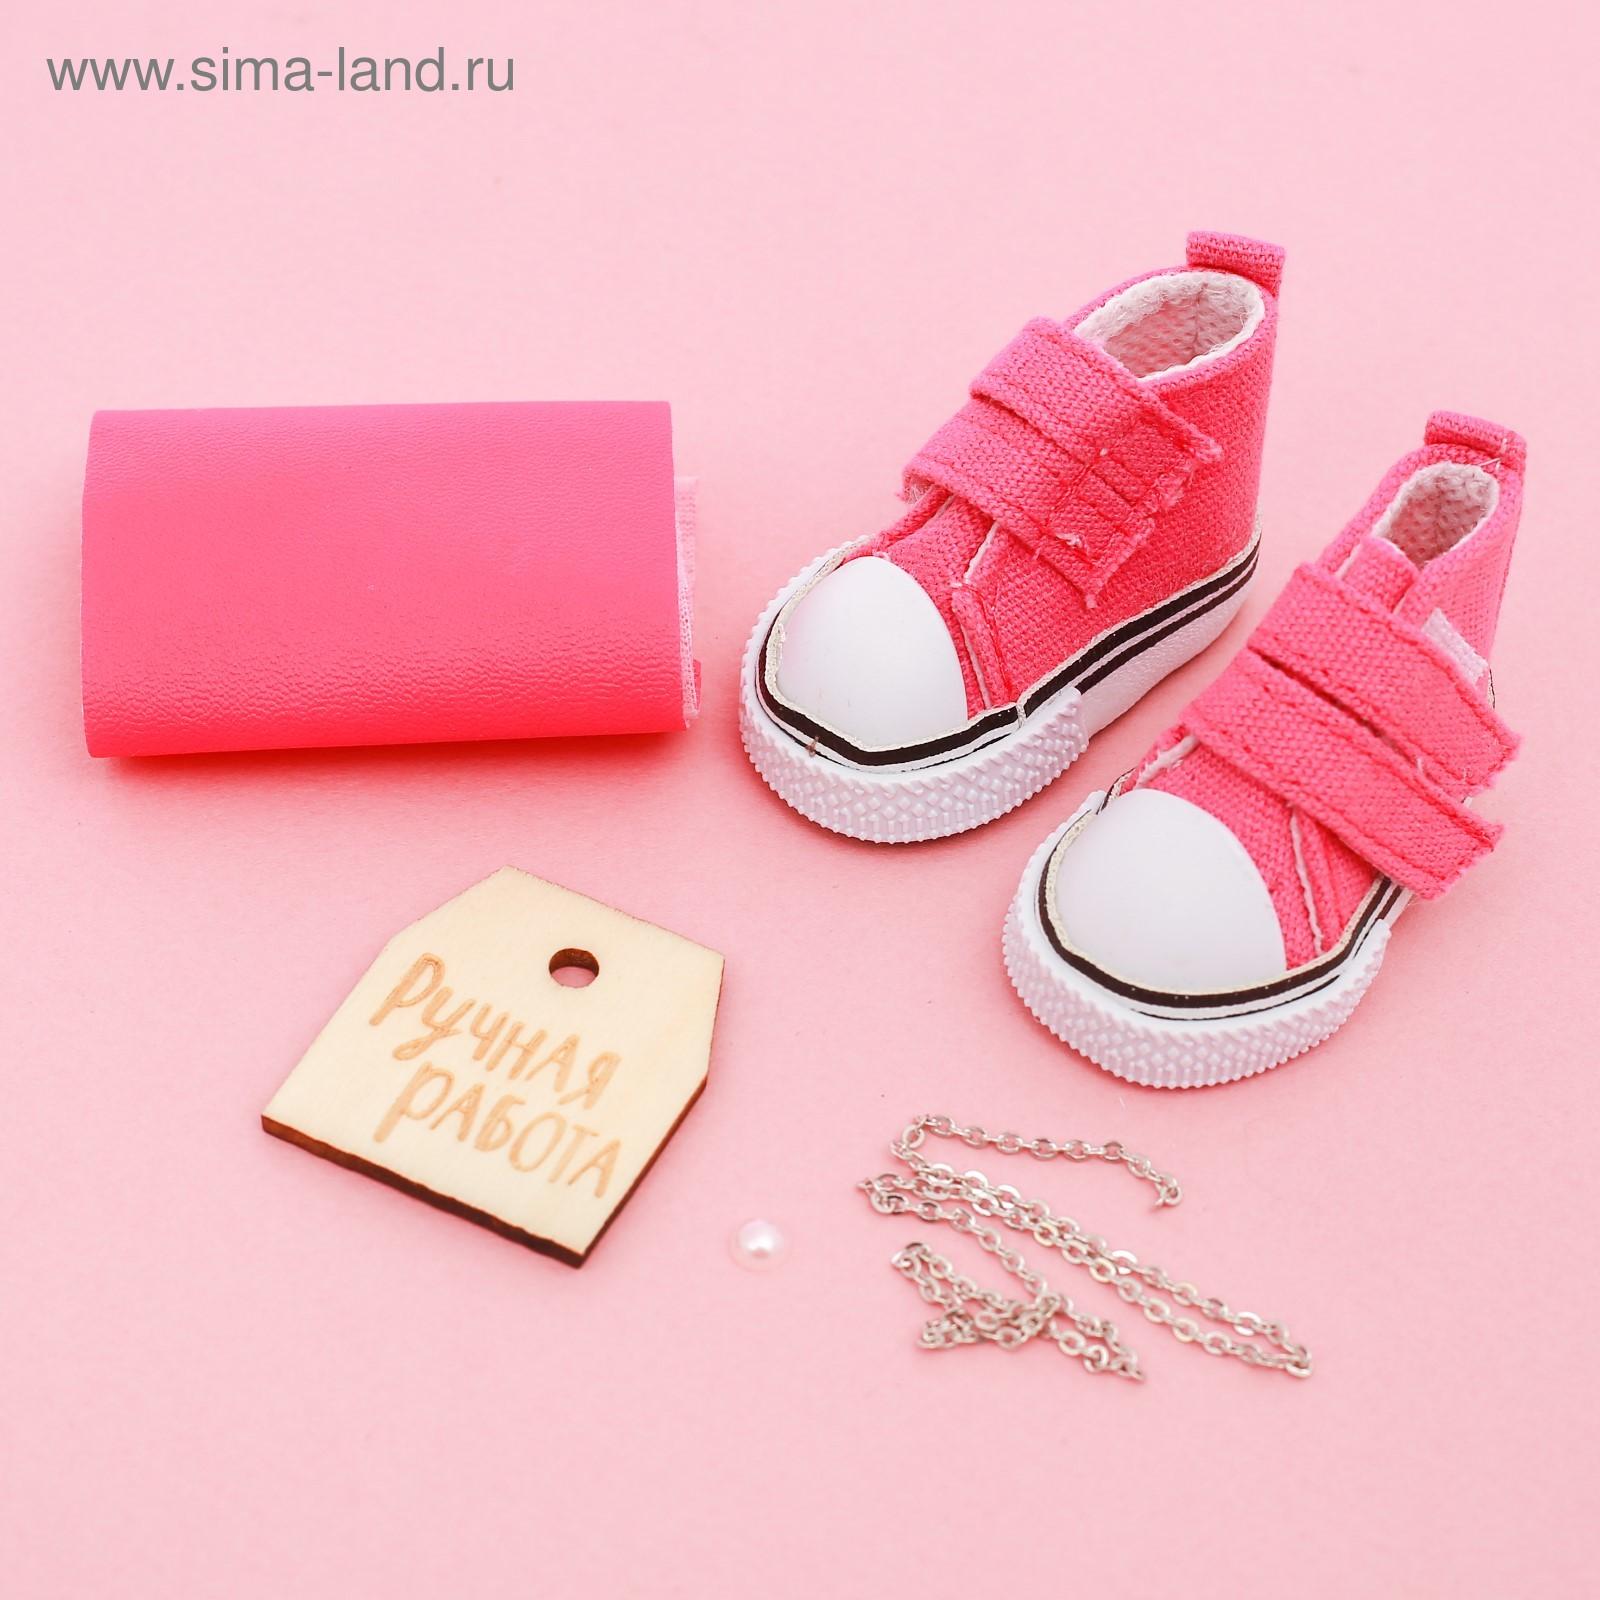 d9d05191dcce Кеды для куклы и набор по созданию сумочки «Яркое настроение», 9 × 4 ...